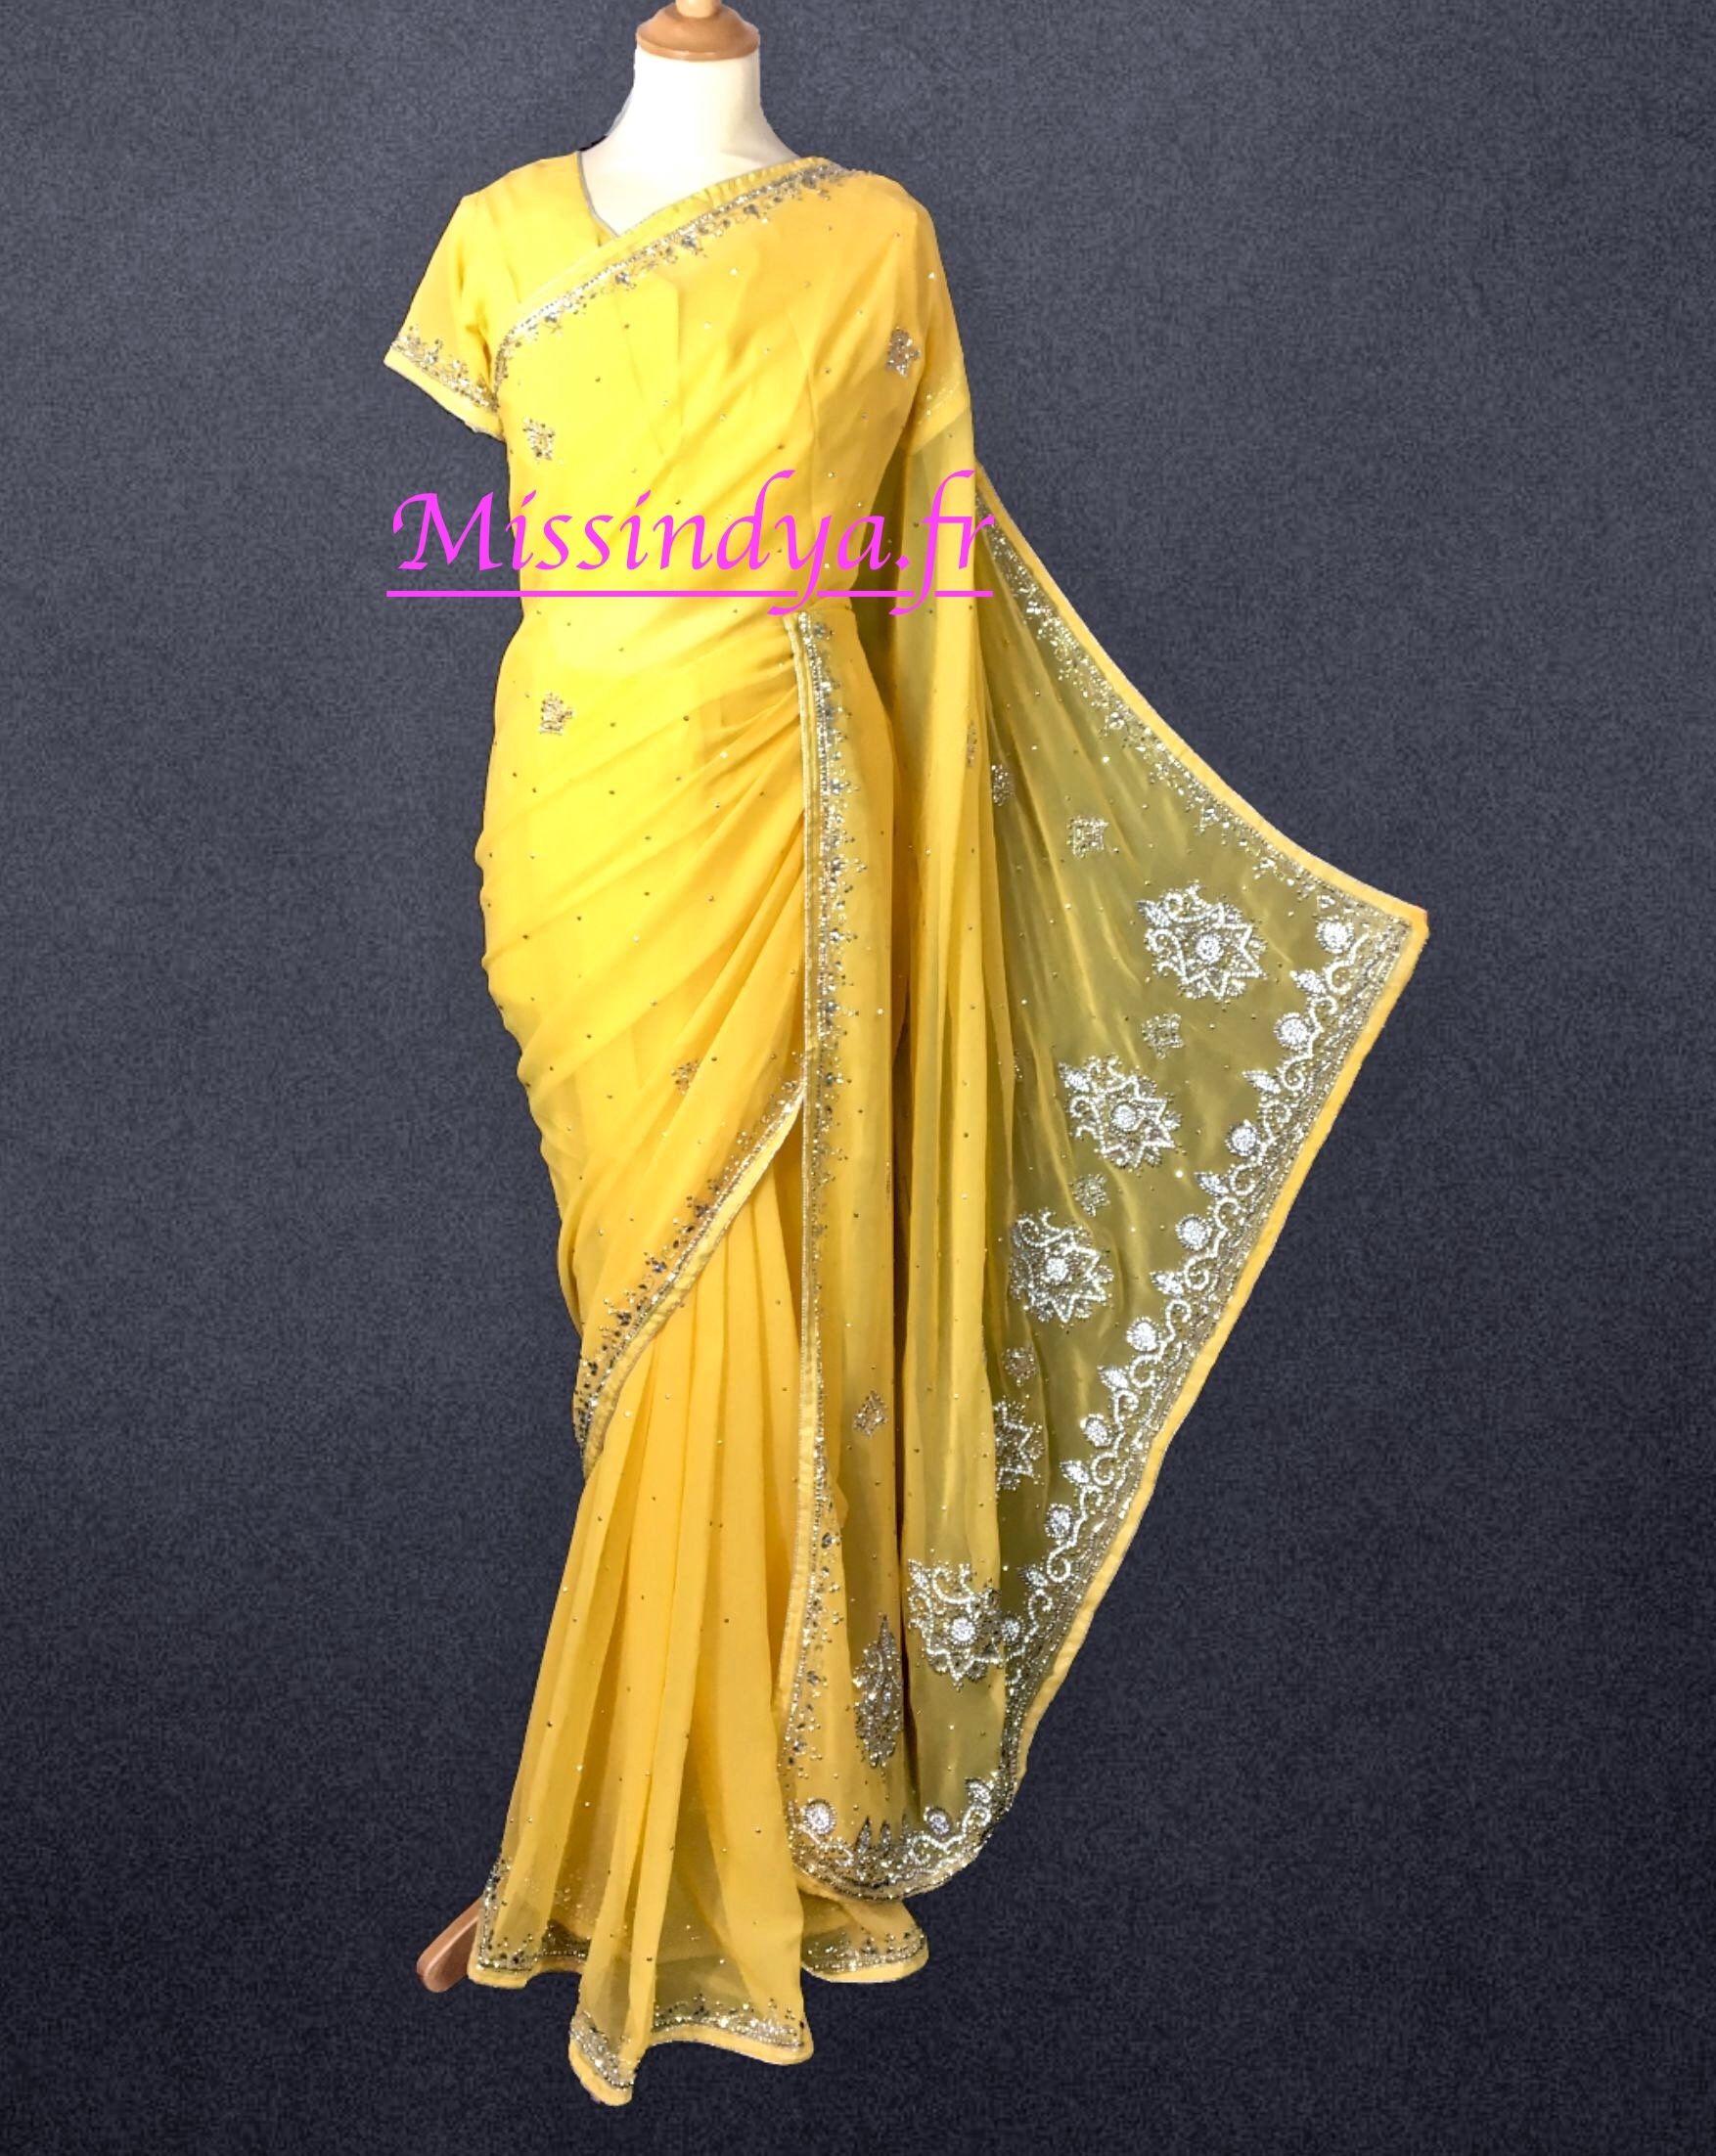 Parure bijoux indienne esha vertparure bijoux pas cher - Presentoir a bijoux pas cher ...